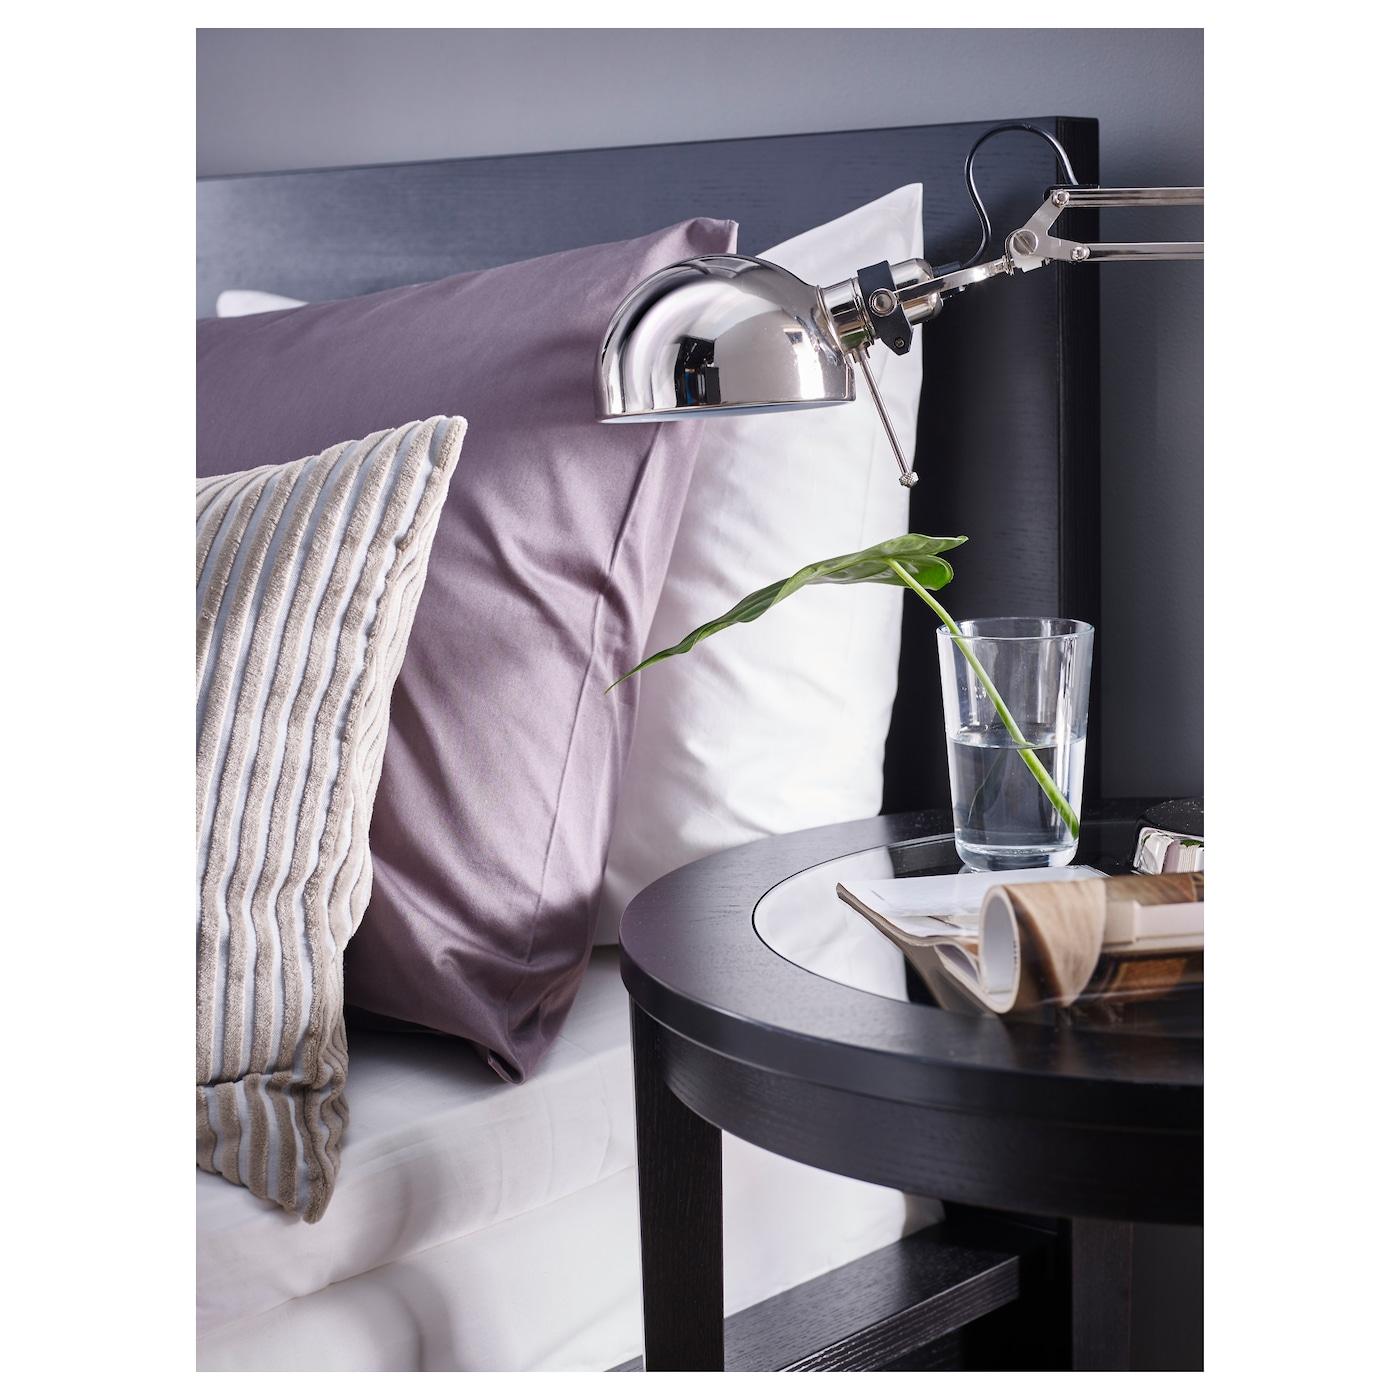 malm cadre lit haut 4rgt brun noir lur y 160 x 200 cm ikea. Black Bedroom Furniture Sets. Home Design Ideas